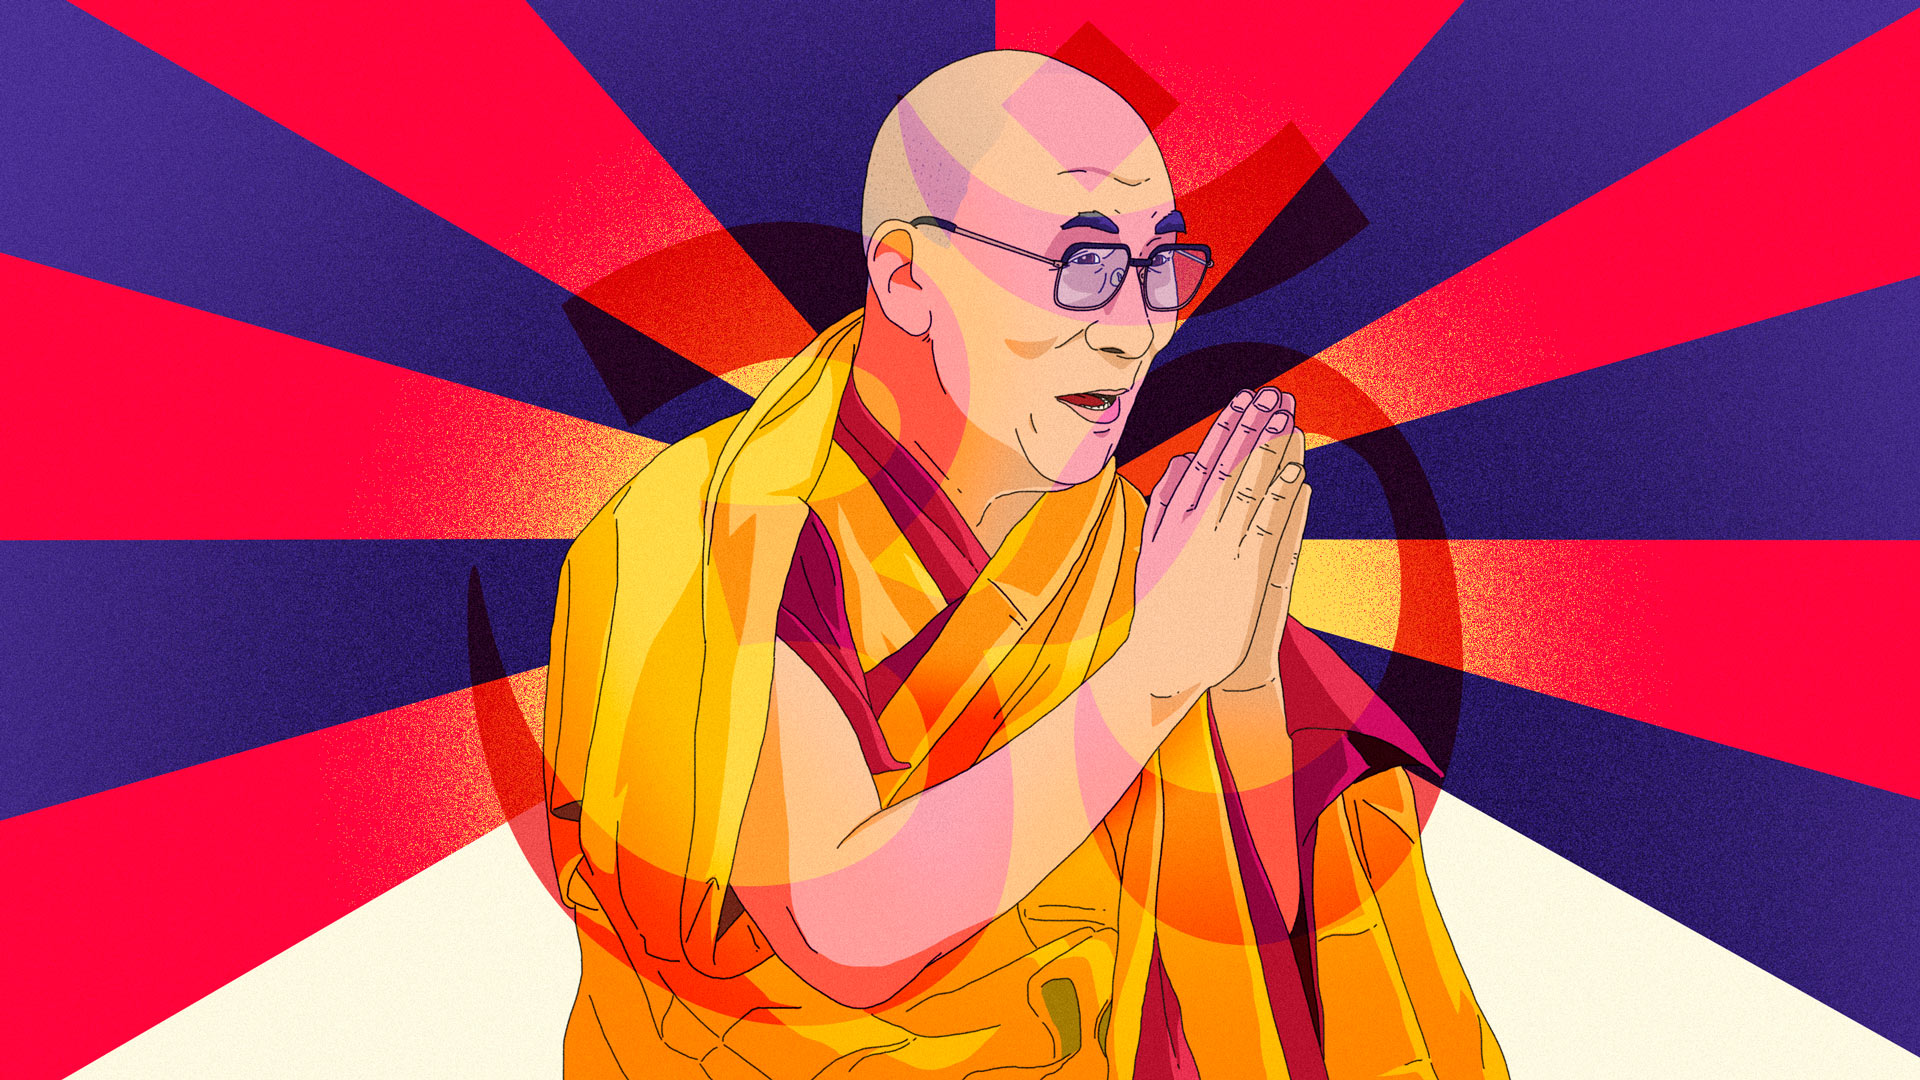 Ellos son los líderes colombianos que hablarán con el Dalai Lama